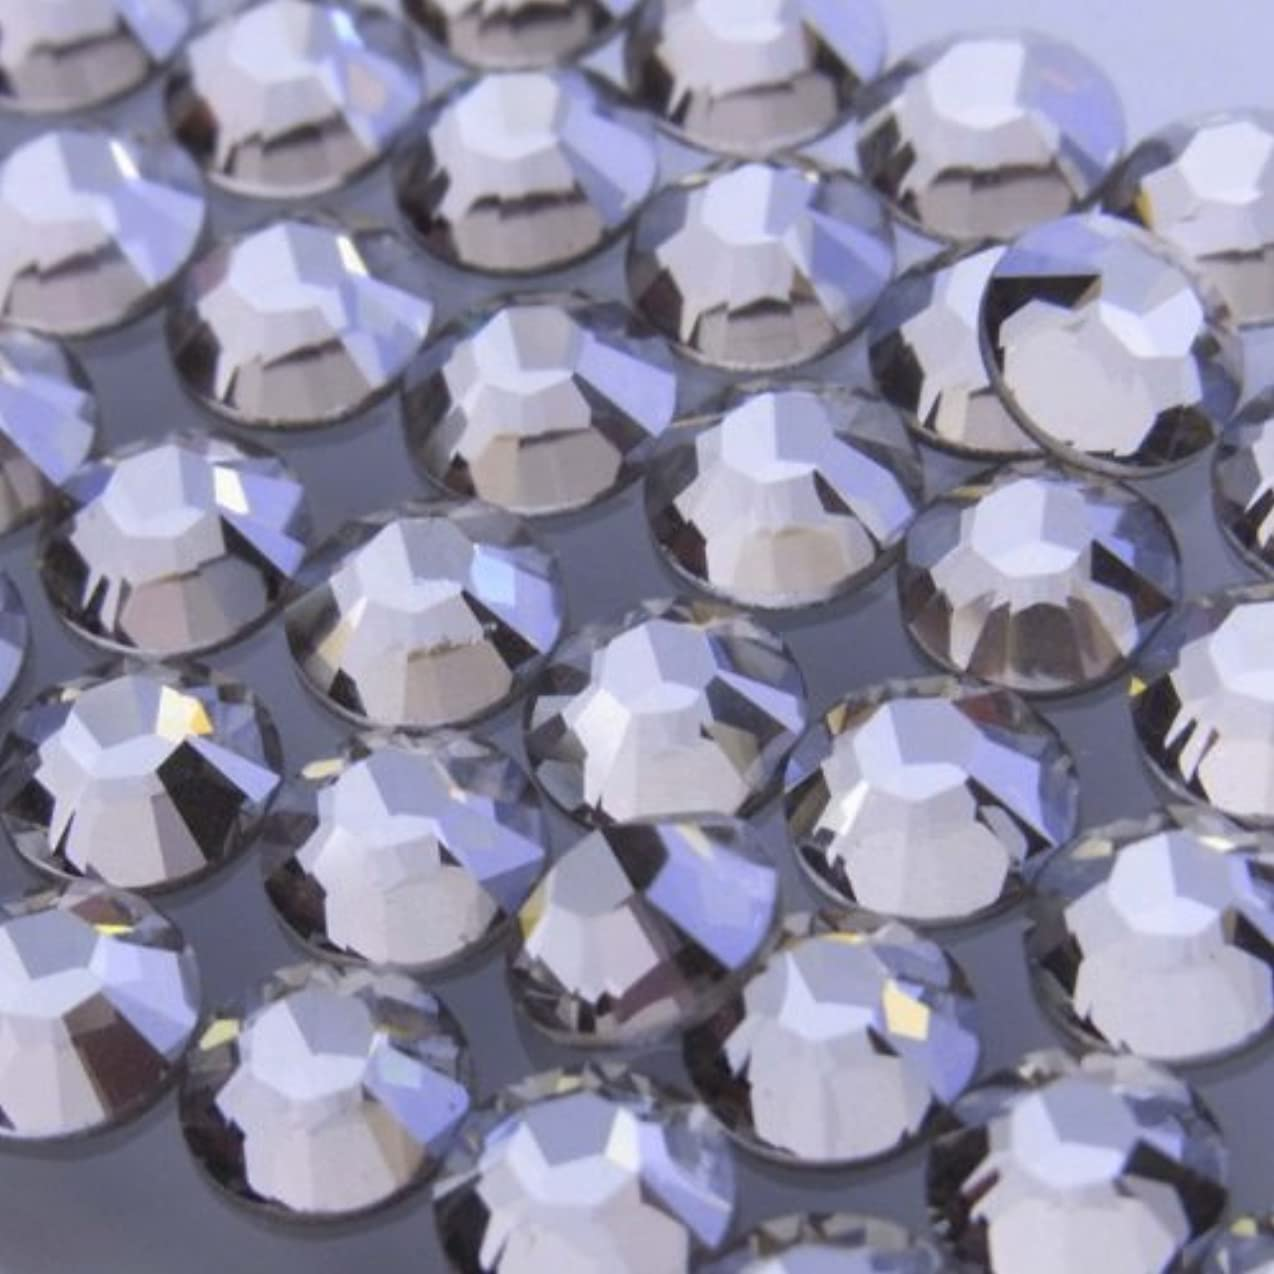 安定浸すエスカレーターHotfixクリスタルシルバーシェイドss12(100粒入り)スワロフスキーラインストーンホットフィックス